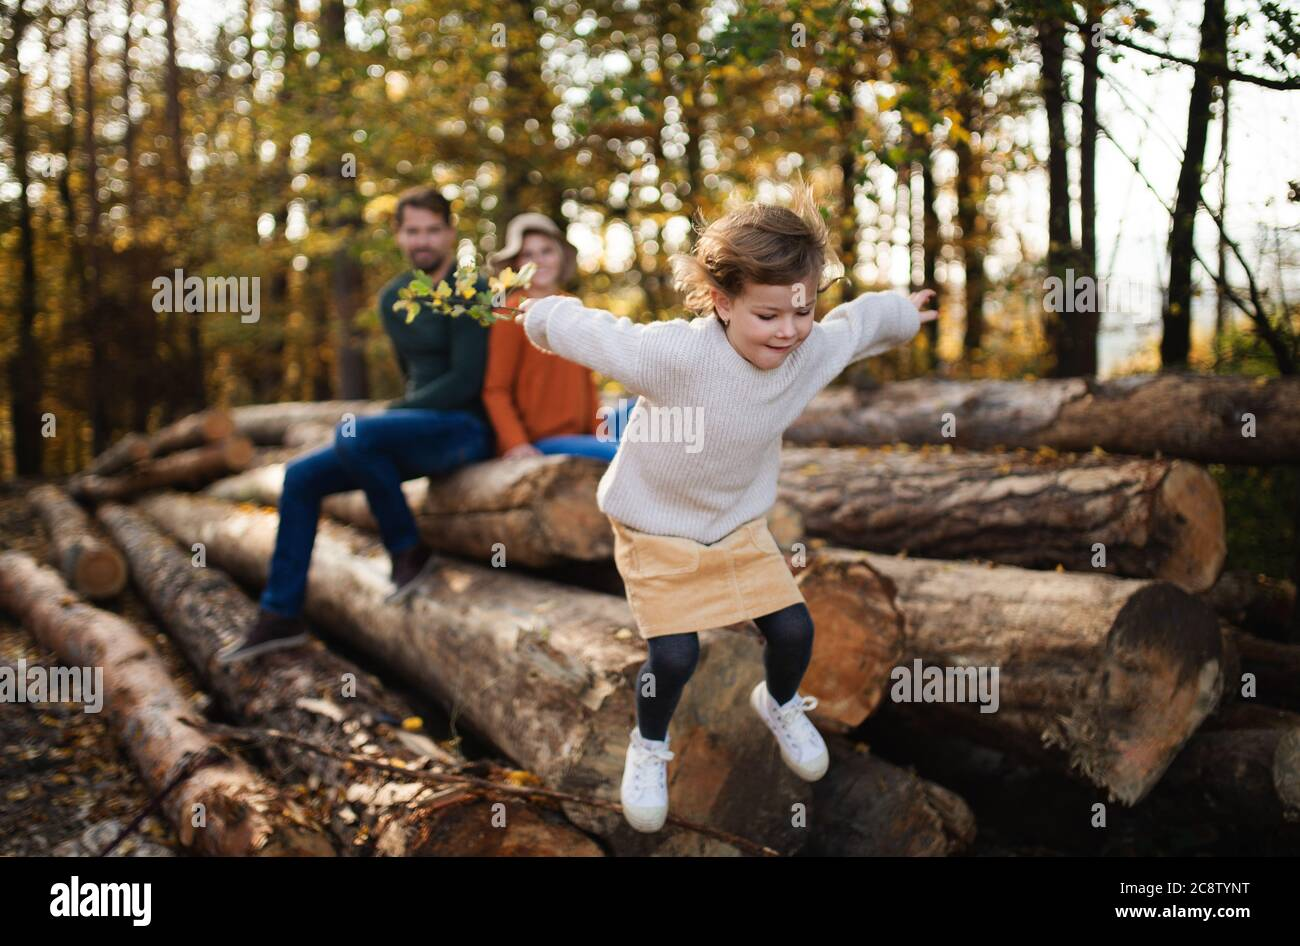 Petite fille avec des parents sur une promenade dans la forêt d'automne, saut. Banque D'Images